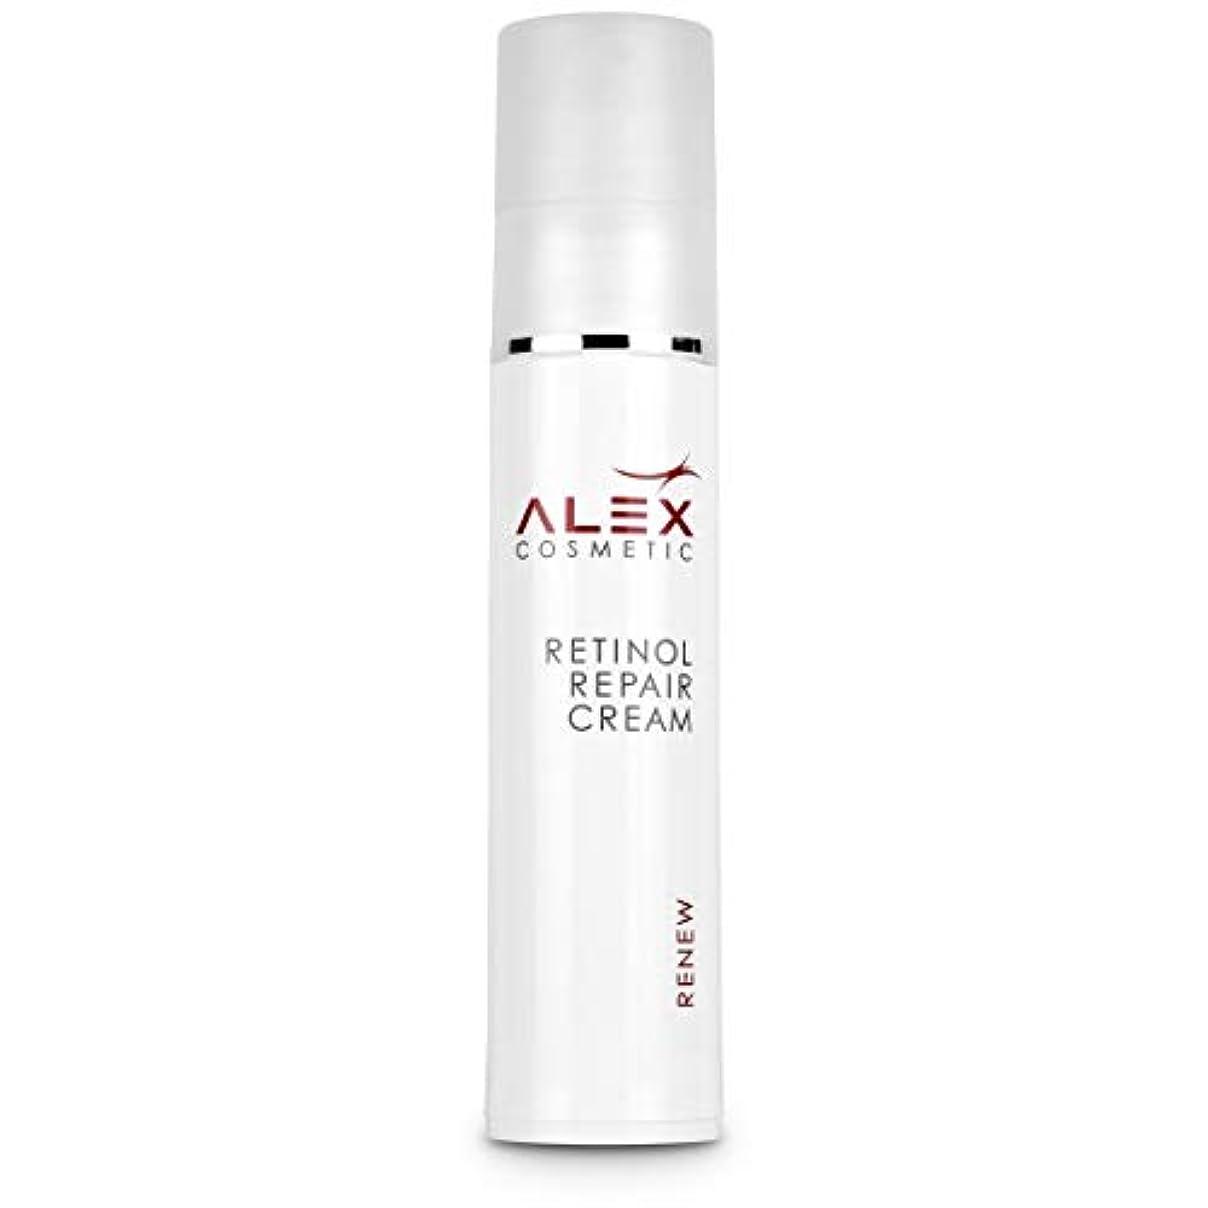 エキゾチック唯一トリプルALEX アレックス コスメ Retinol Repair Cream レチノール リペア クリーム 50ml 【並行輸入品】